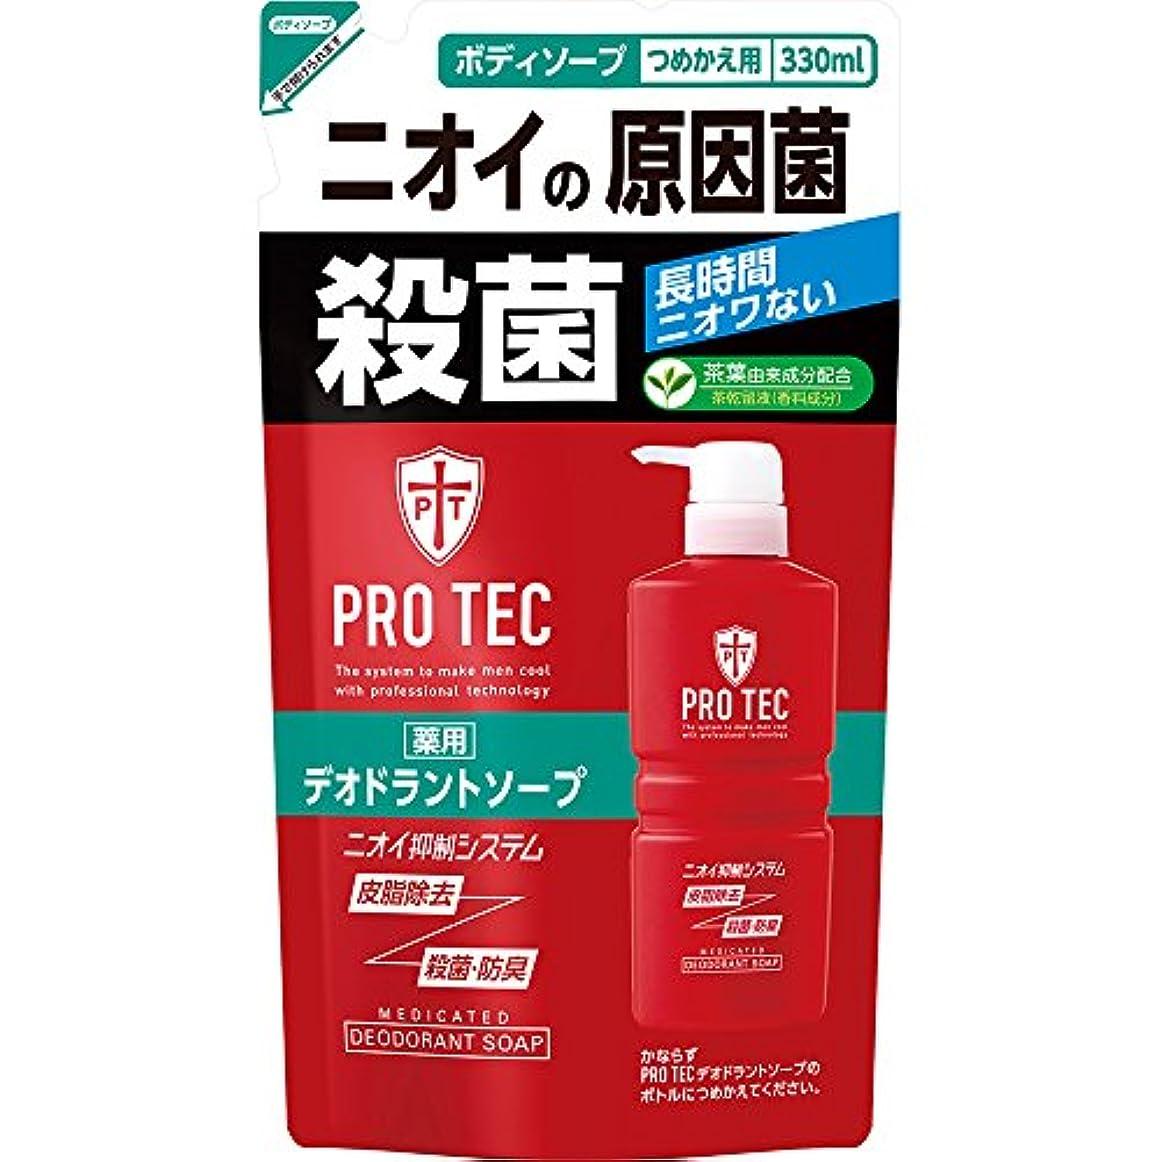 旅客冗長首相PRO TEC(プロテク) デオドラントソープ 詰め替え 330ml(医薬部外品)